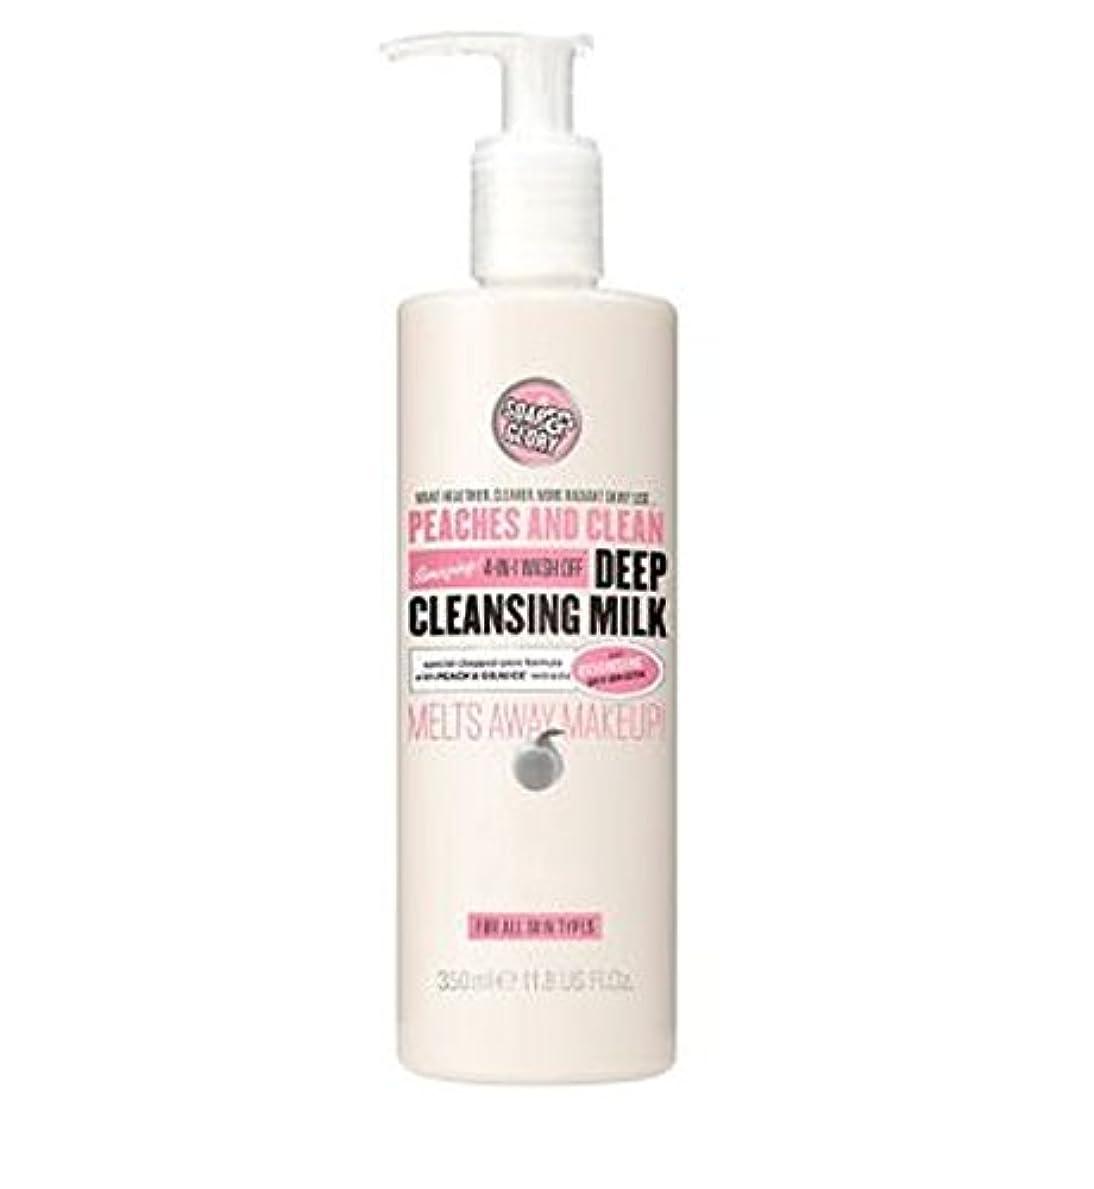 オープニング出演者かすれたPEACHES AND CLEAN? Deep Cleansing Milk 350ml - 桃やクリーン?ディープクレンジングミルク350ミリリットル (Soap & Glory) [並行輸入品]